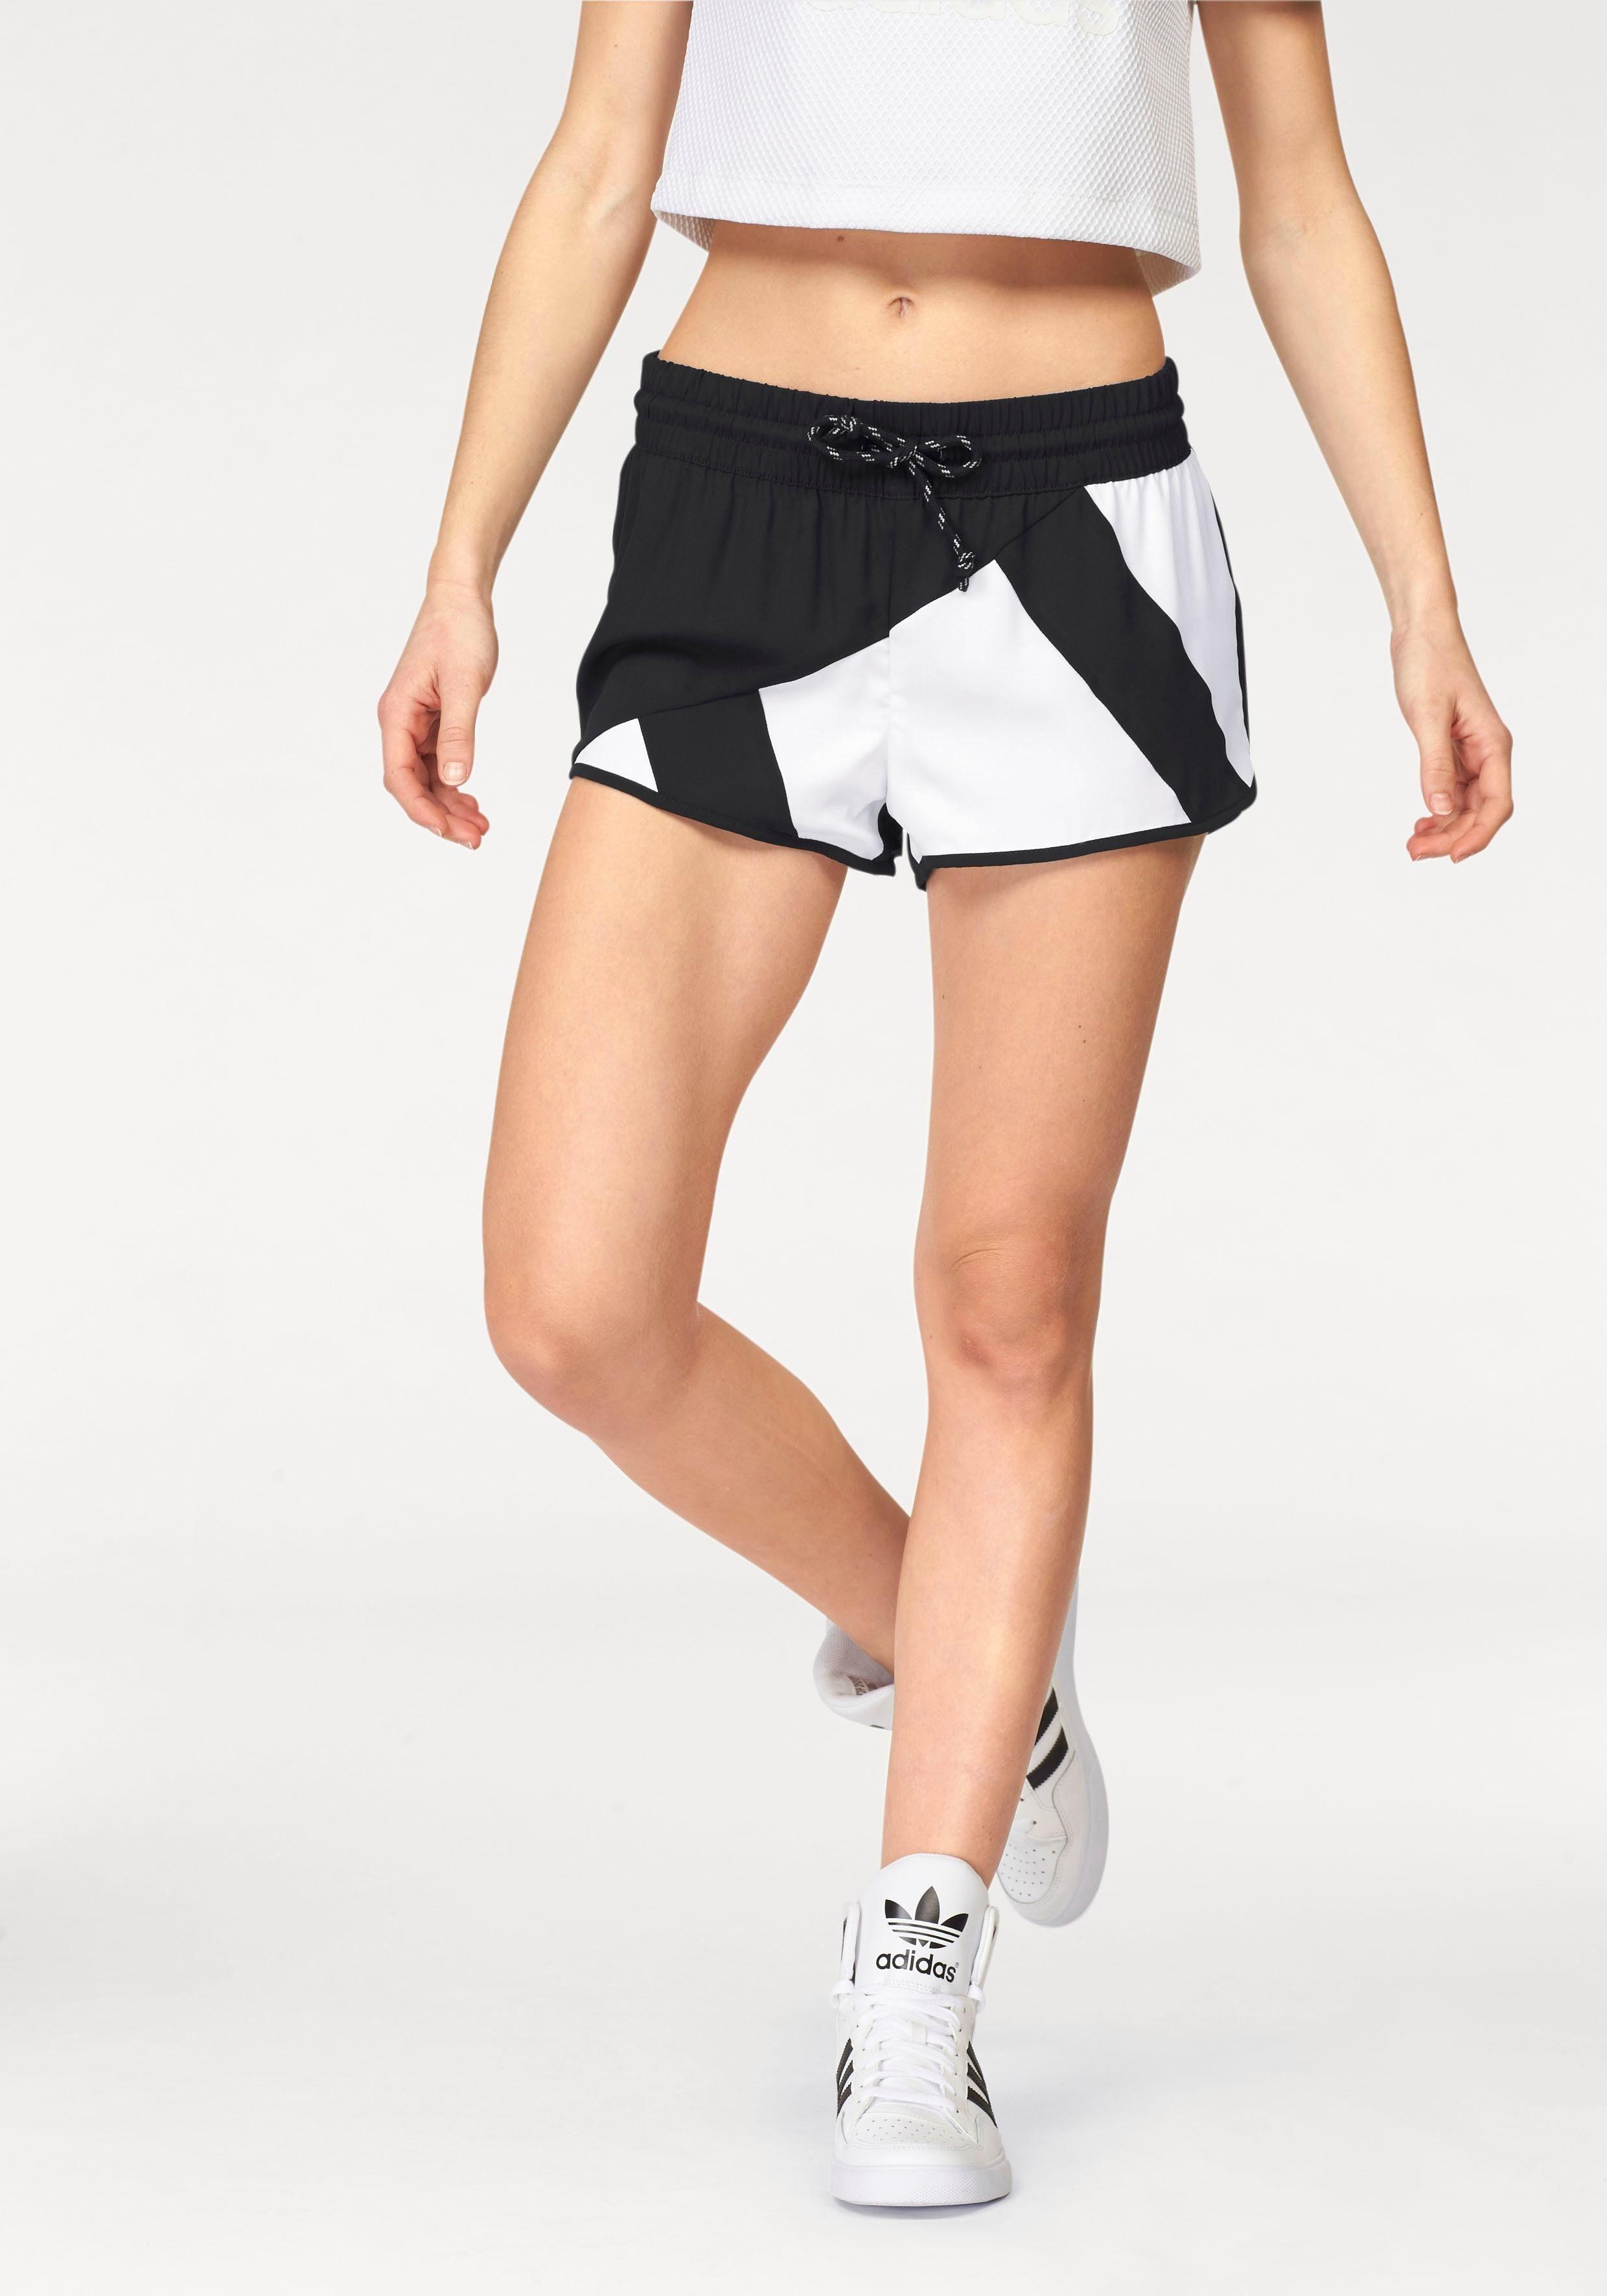 Sneaker Farbe Rosa In Verschiedenen AusfüHrungen Und Spezifikationen FüR Ihre Auswahl ErhäLtlich Damen Laufschuhe Adidas Originals Stan Smith Bold